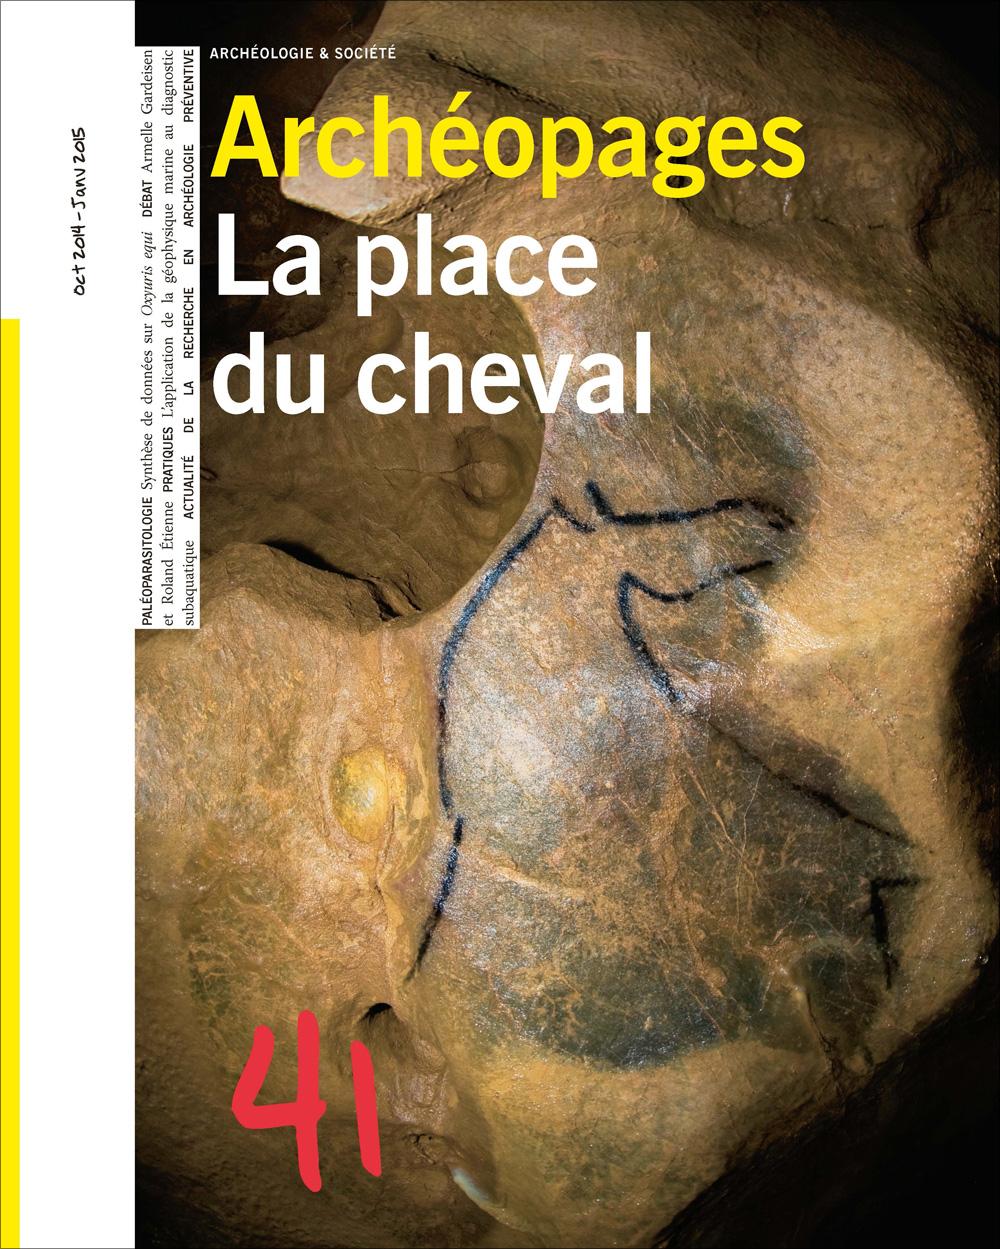 Archéopages n° 41 : La place du cheval